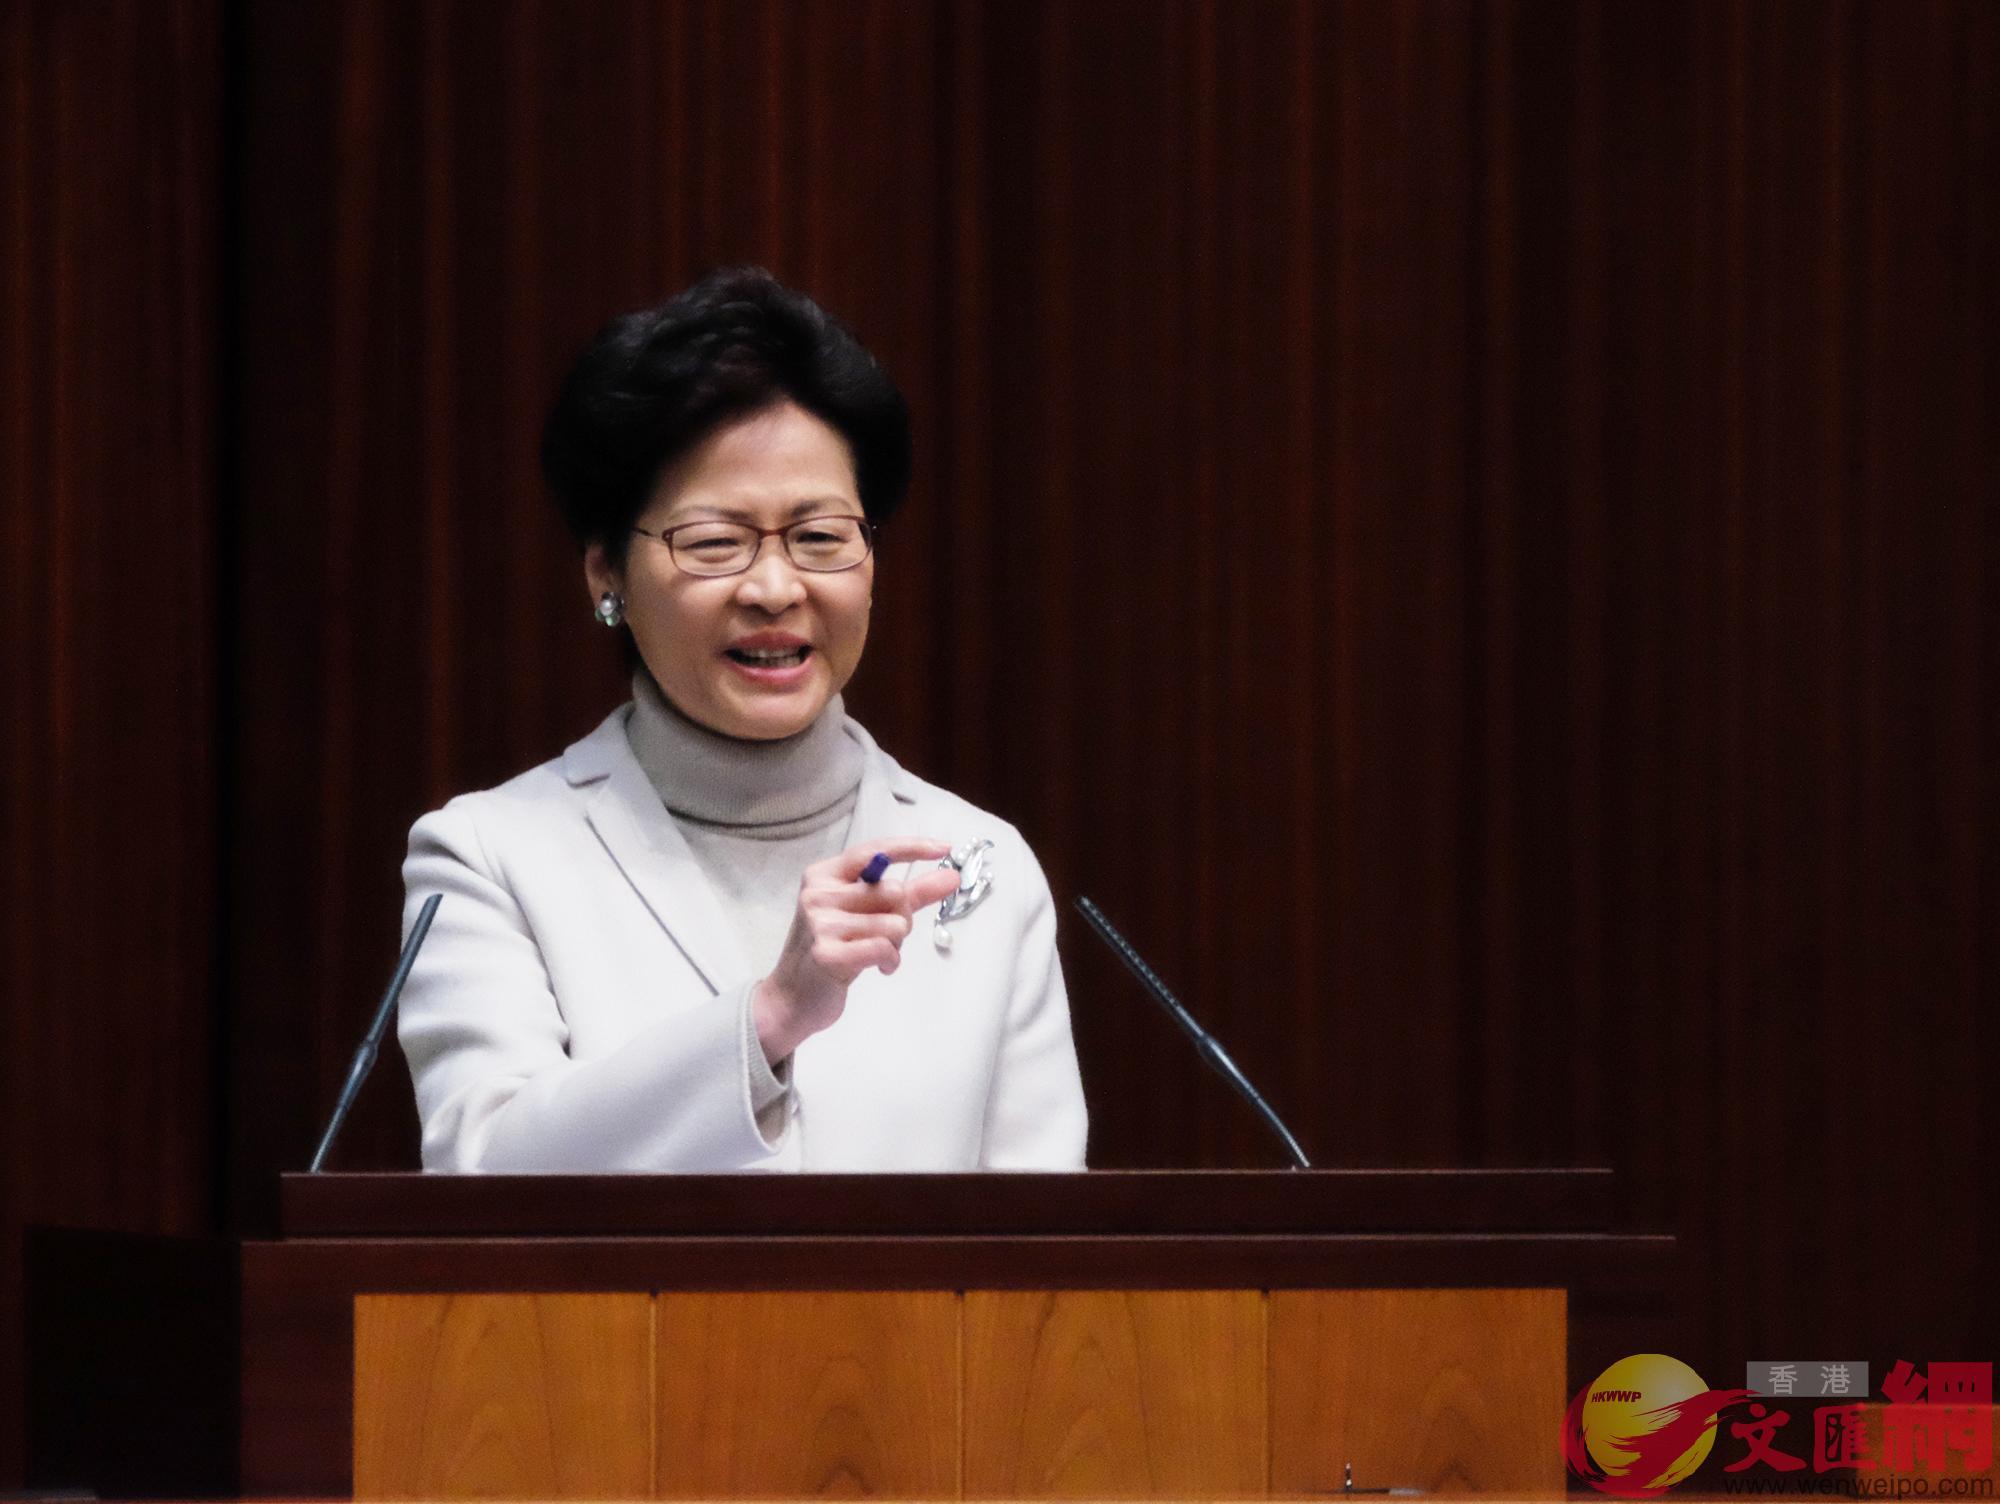 林鄭表示,相信中央將推更多措施,便利港人內地生活。(大公文匯全媒體記者麥鈞傑攝)